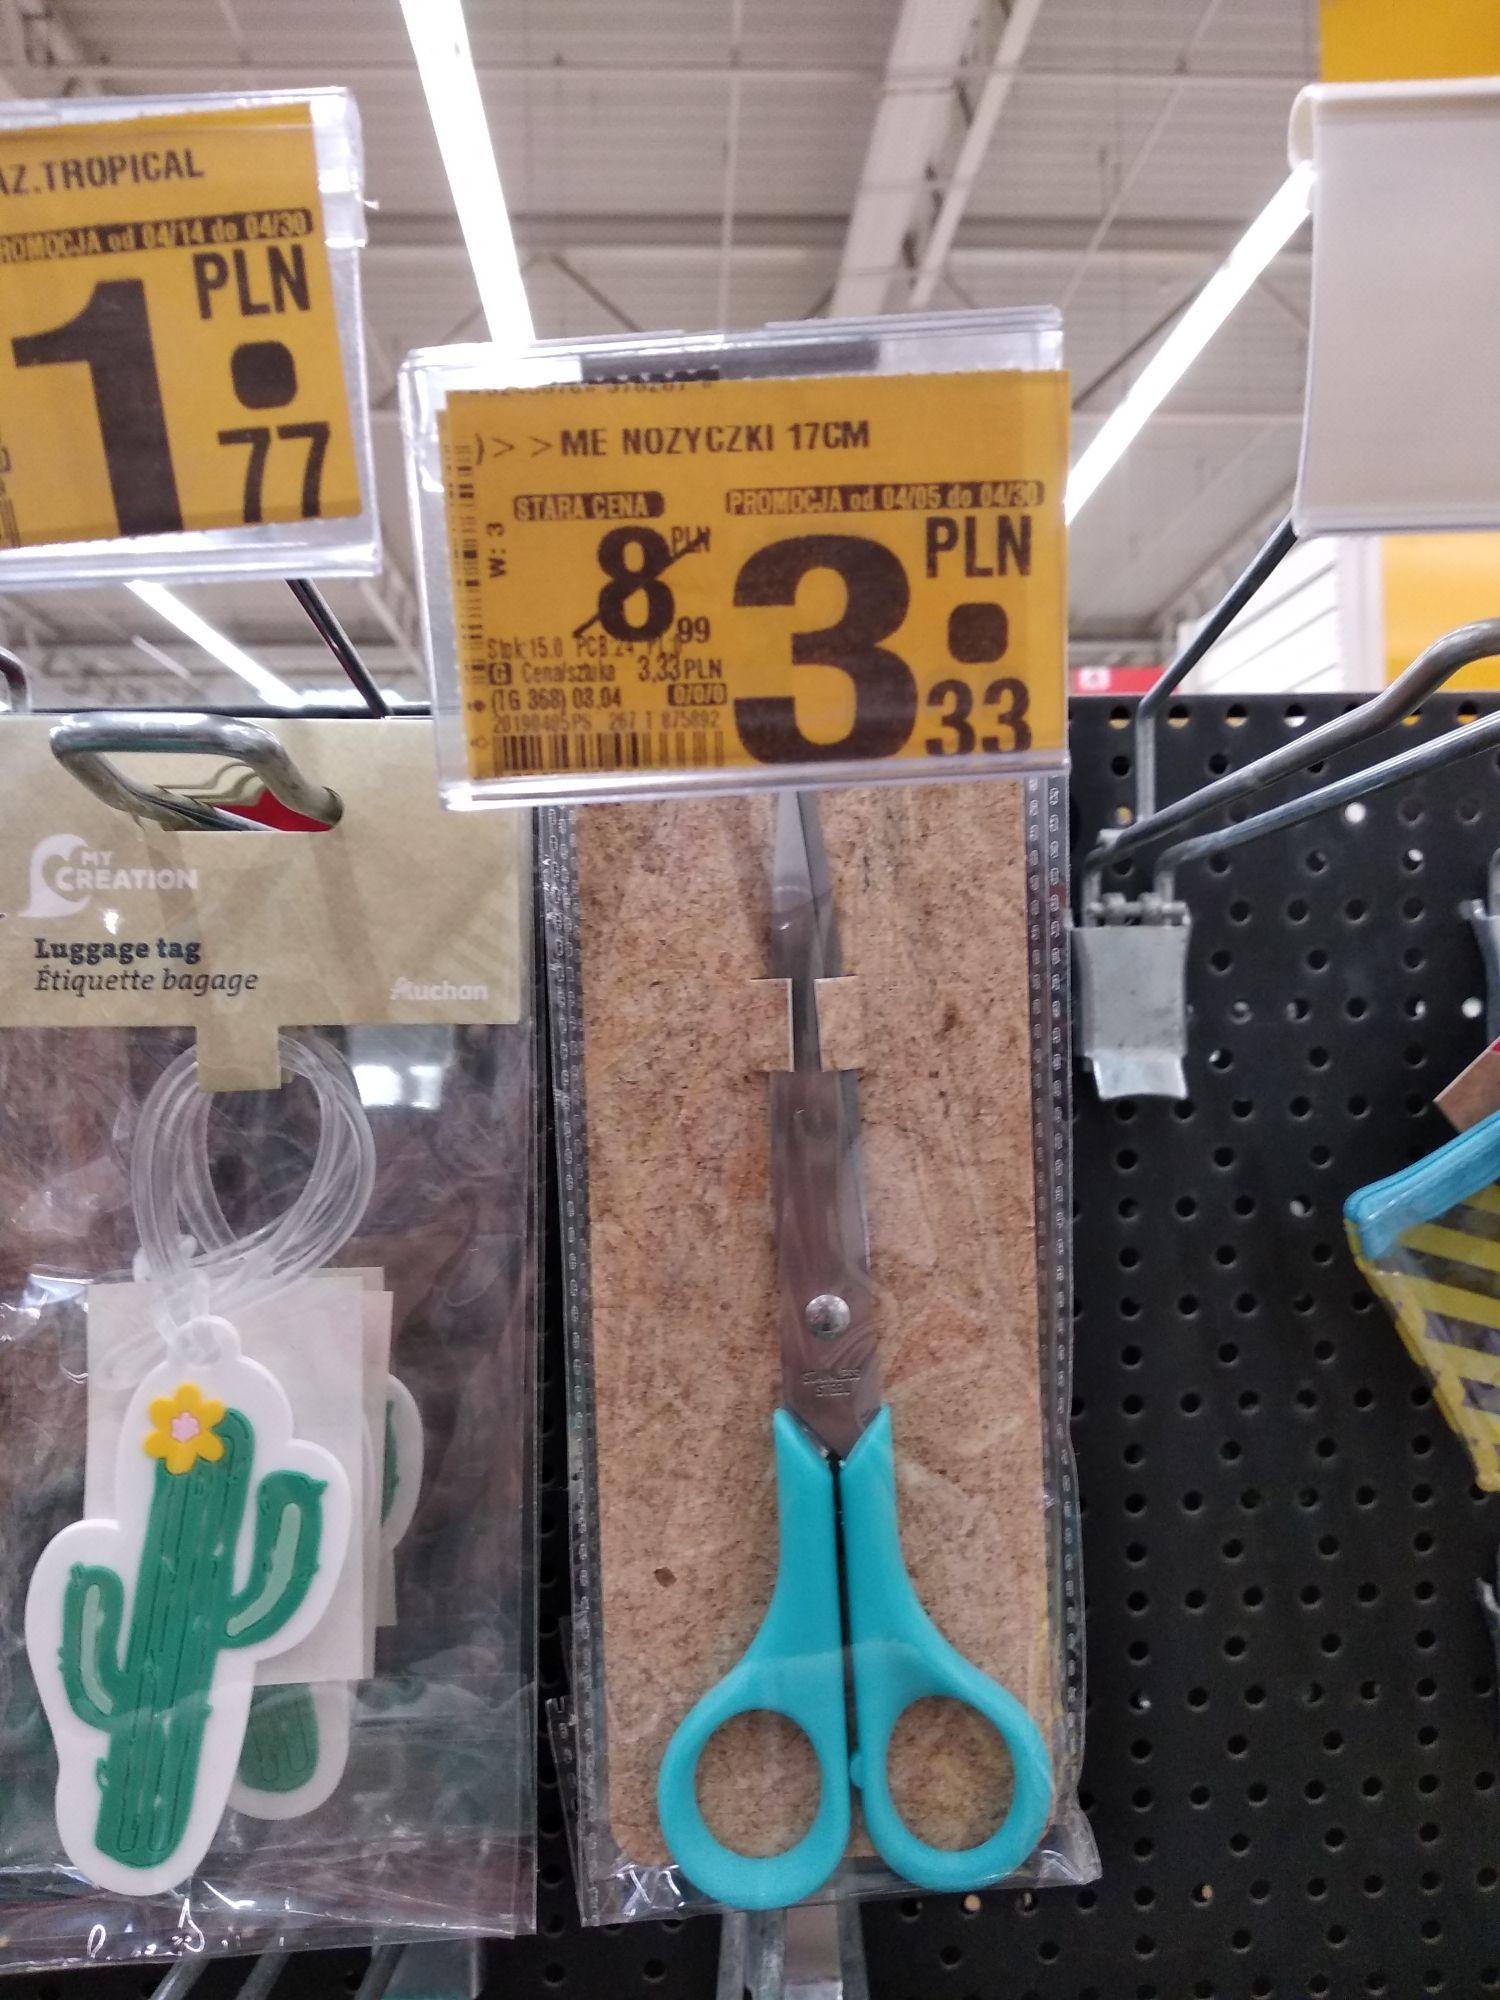 Nożyczki 17cm